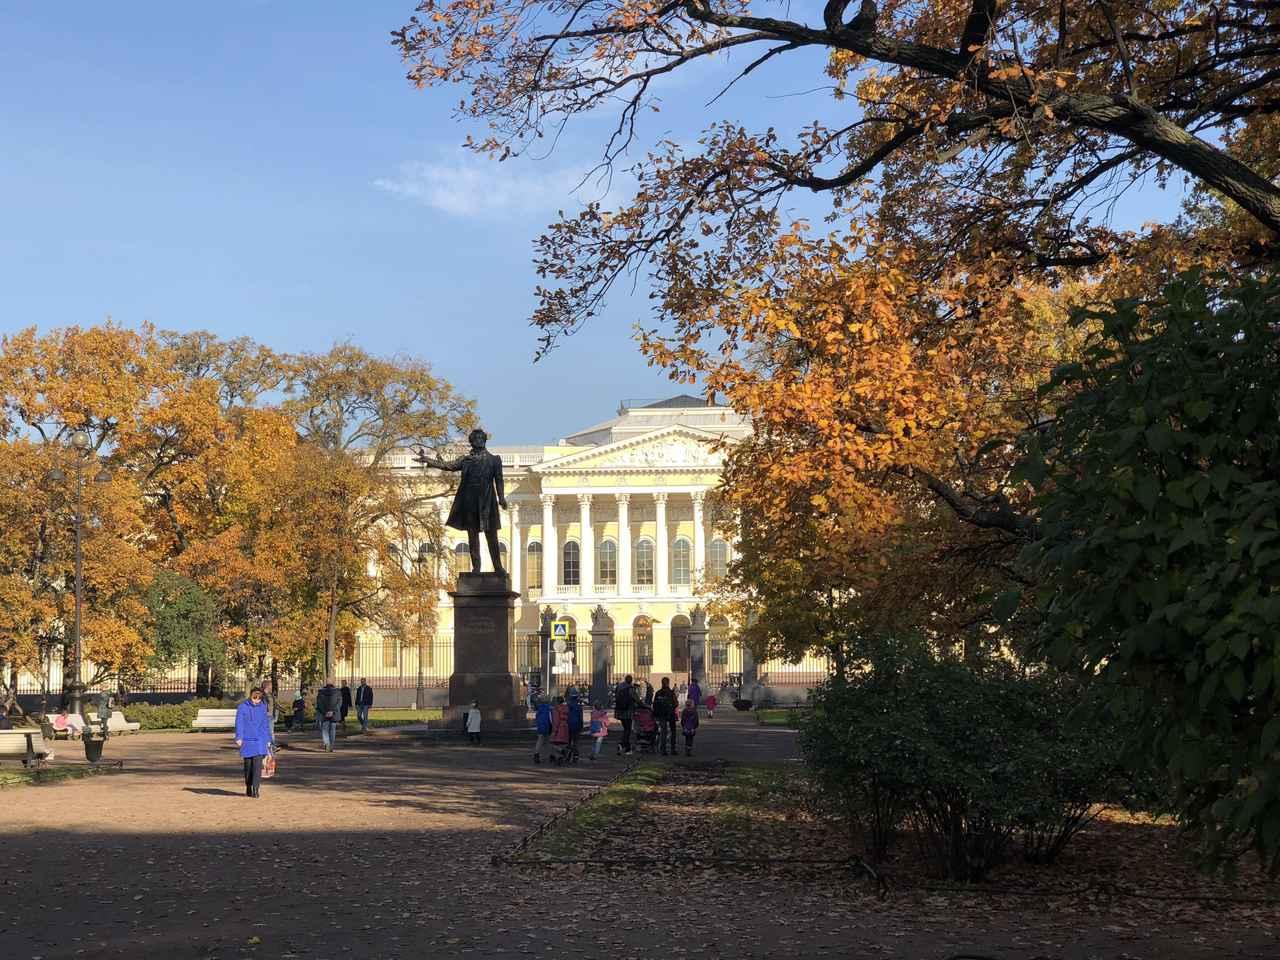 画像: 例年の黄葉の見頃は9月下旬~10月中旬です(写真はサンクト・ペテルブルクの様子/担当者・山崎撮影)